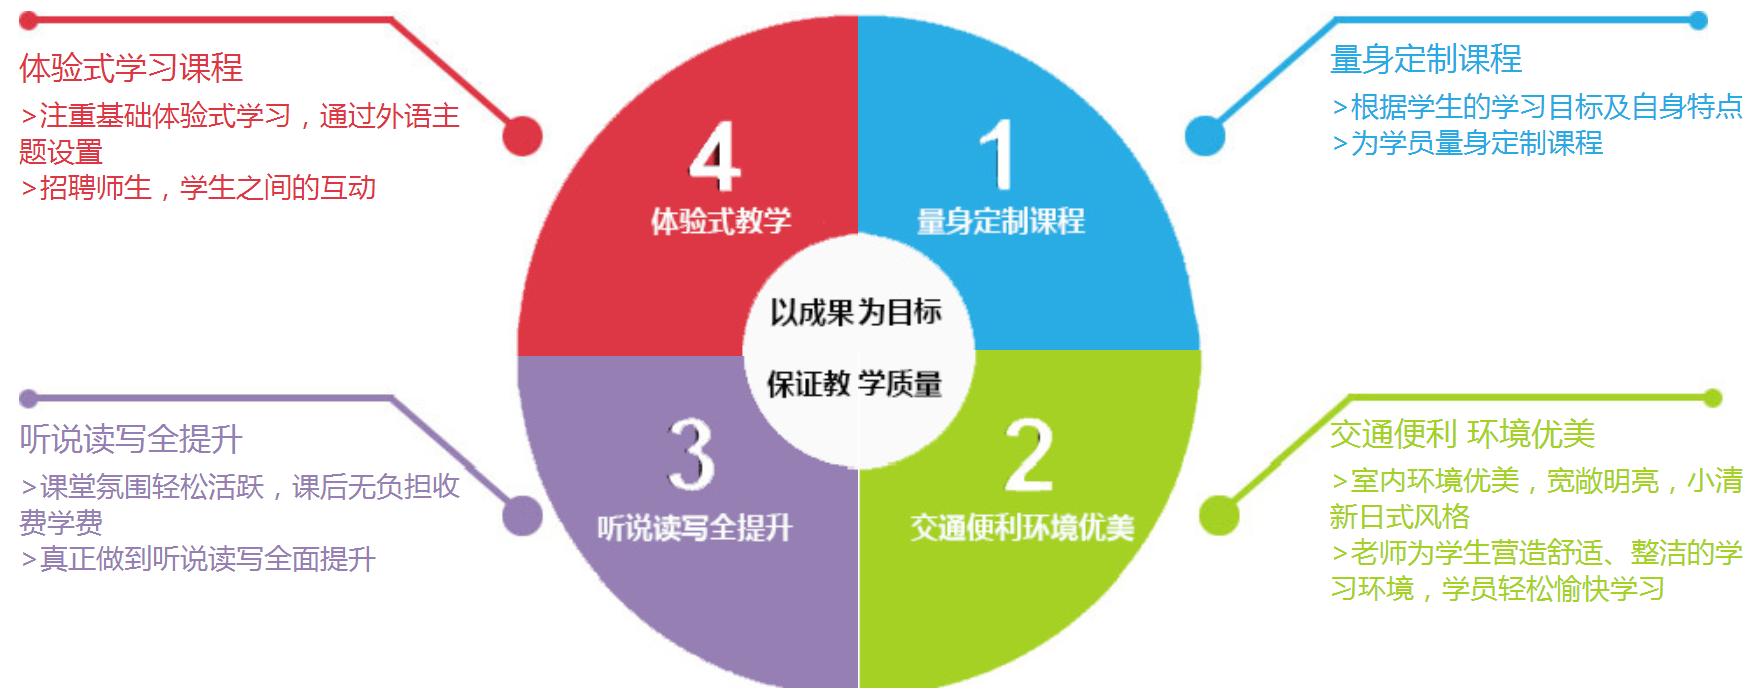 深圳韩语入门培训